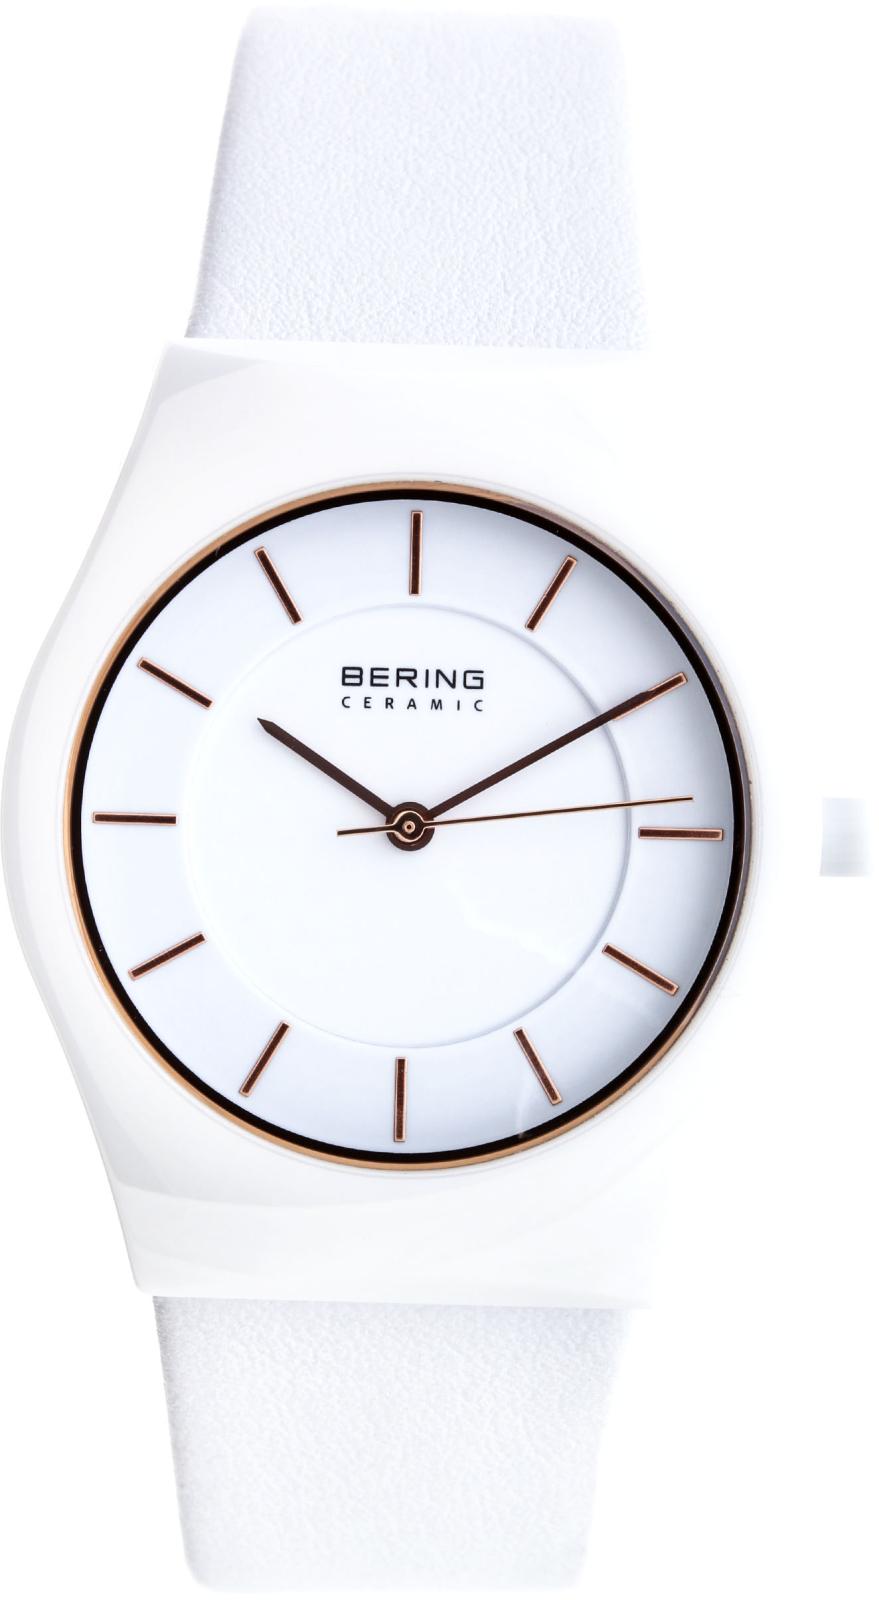 Bering Ceramic 32035-656Наручные часы<br>Датские часы Bering Ceramic 32035-656<br><br>Пол: Женские<br>Страна-производитель: Дания<br>Механизм: Кварцевый<br>Материал корпуса: Керамика<br>Материал ремня/браслета: Кожа<br>Водозащита, диапазон: 20 - 100 м<br>Стекло: Сапфировое<br>Толщина корпуса: None<br>Стиль: Классика